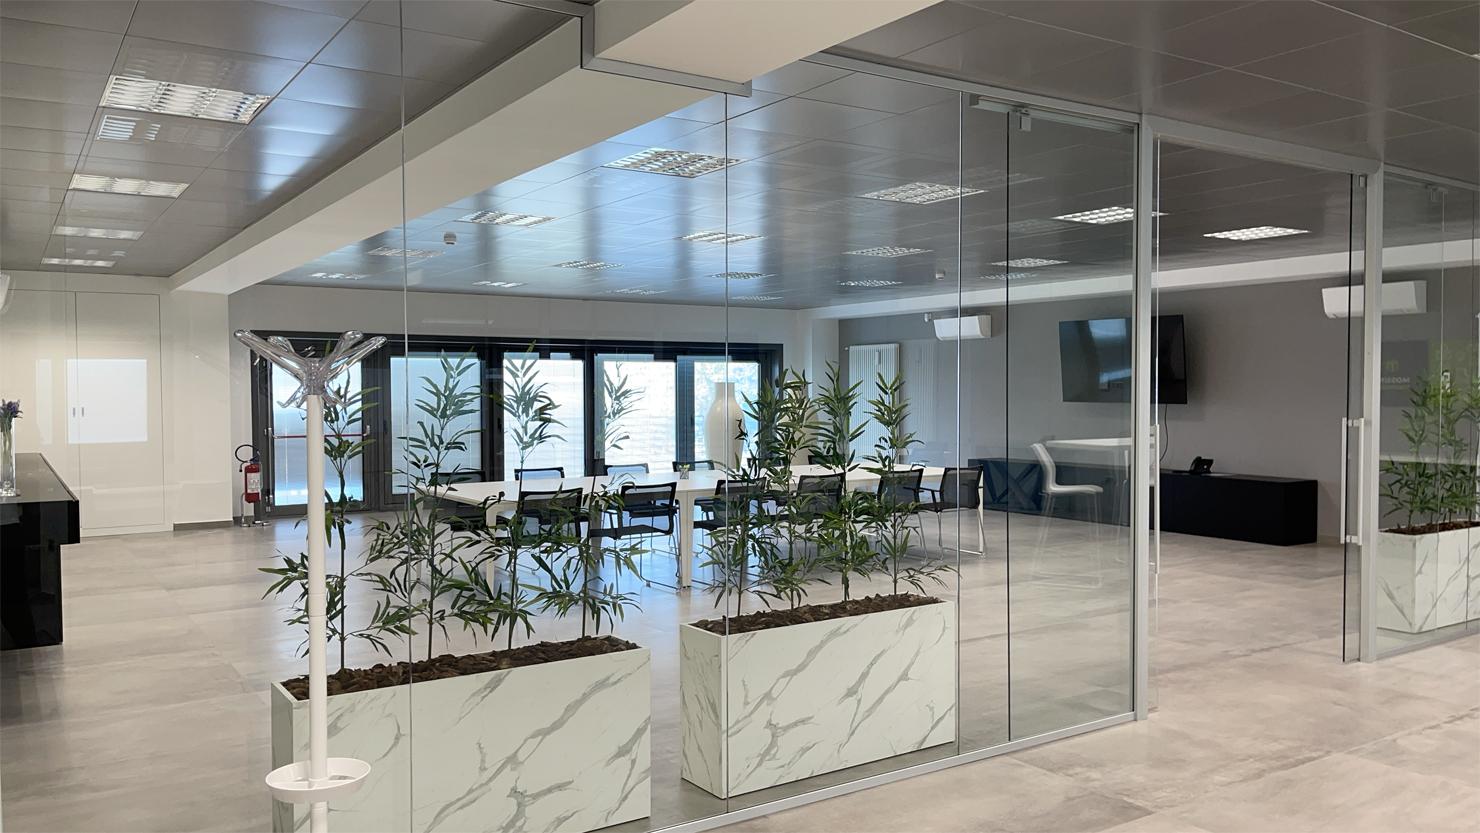 Sala Riunioni per gli Incontri con i Clienti